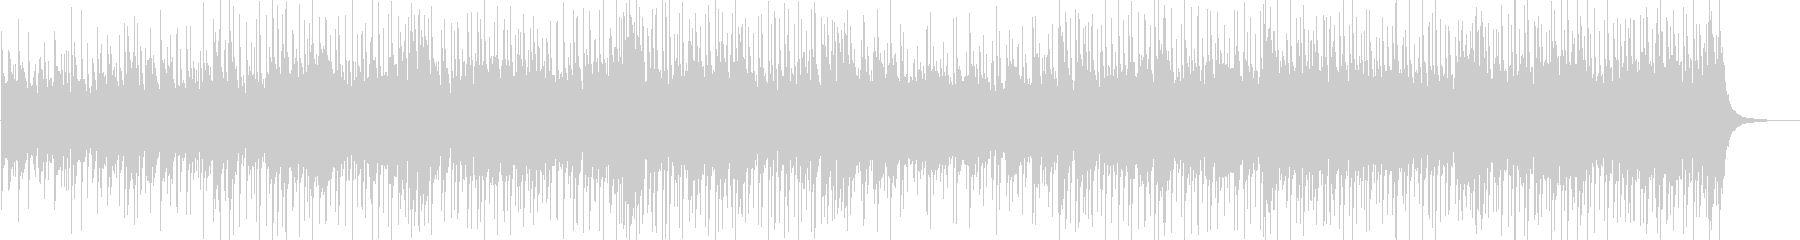 軽快なポップピアノBGMの未再生の波形